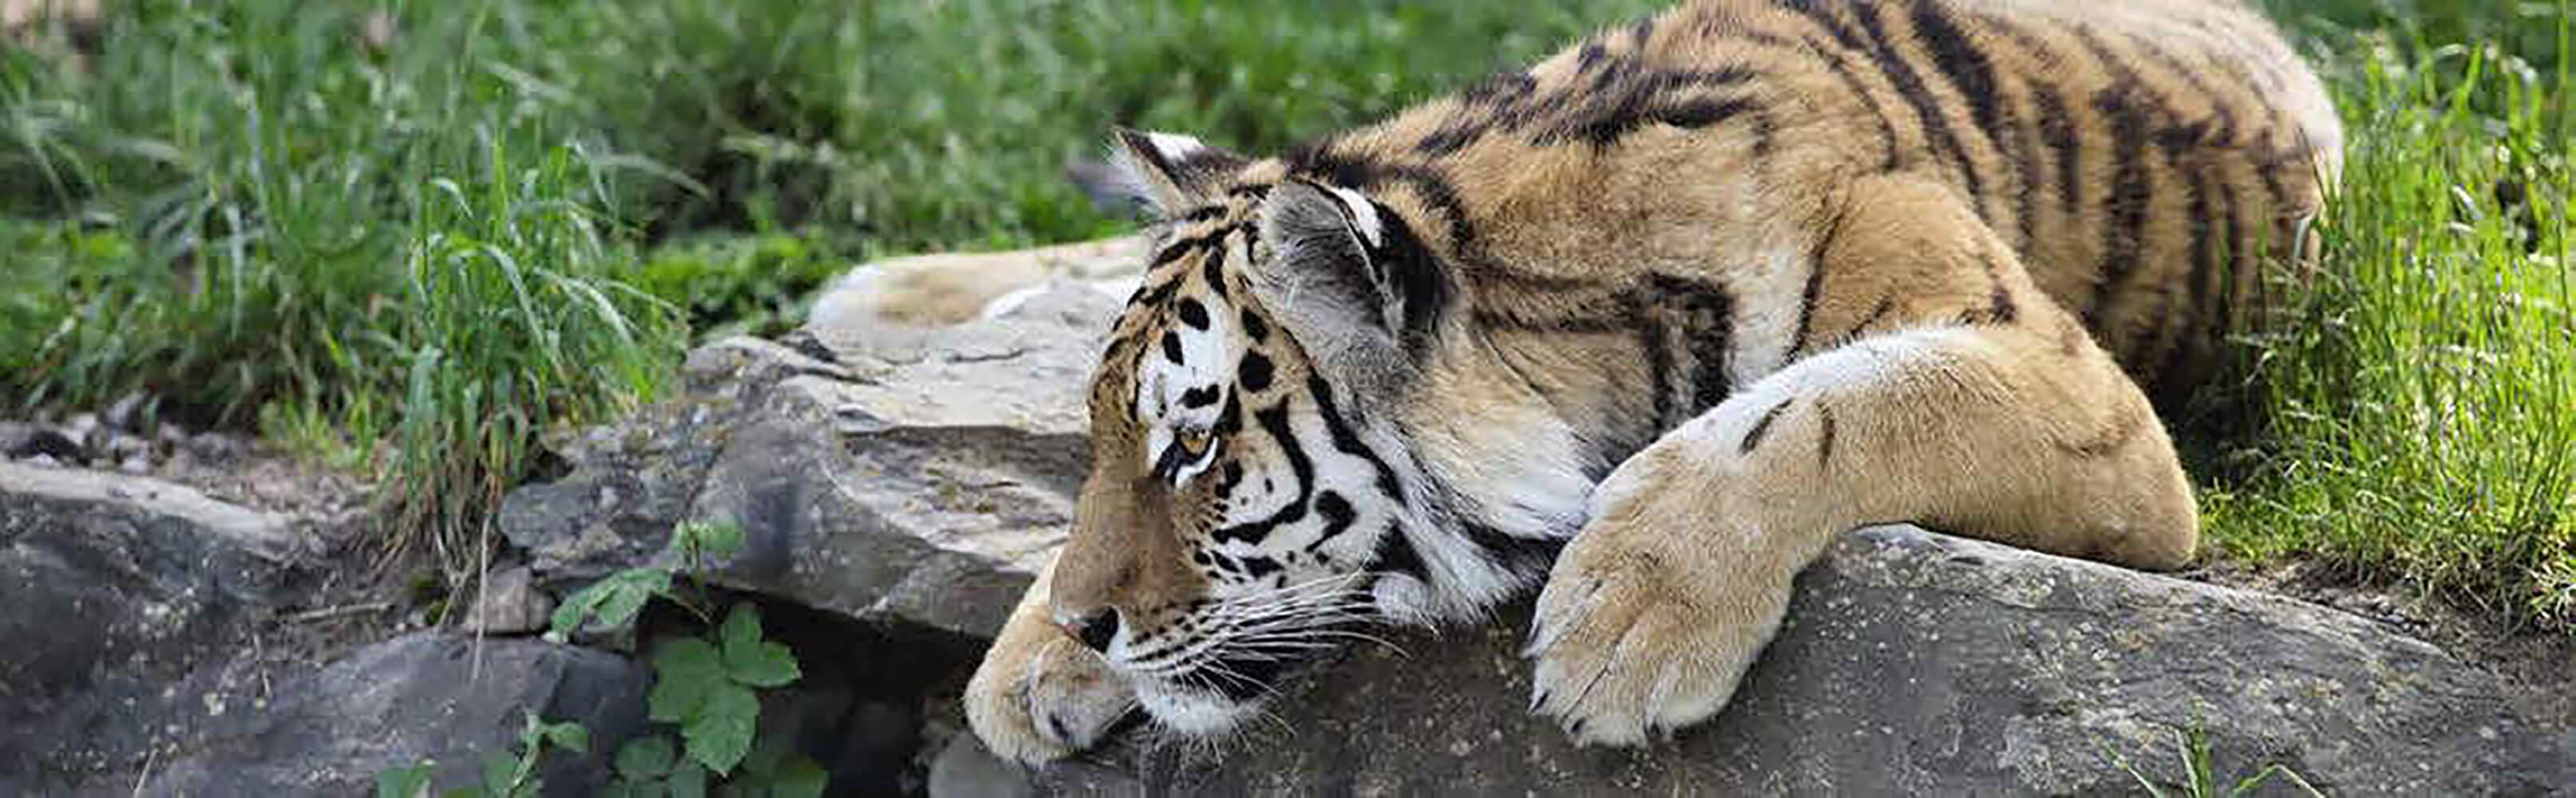 Walter Zoo Gossau 1